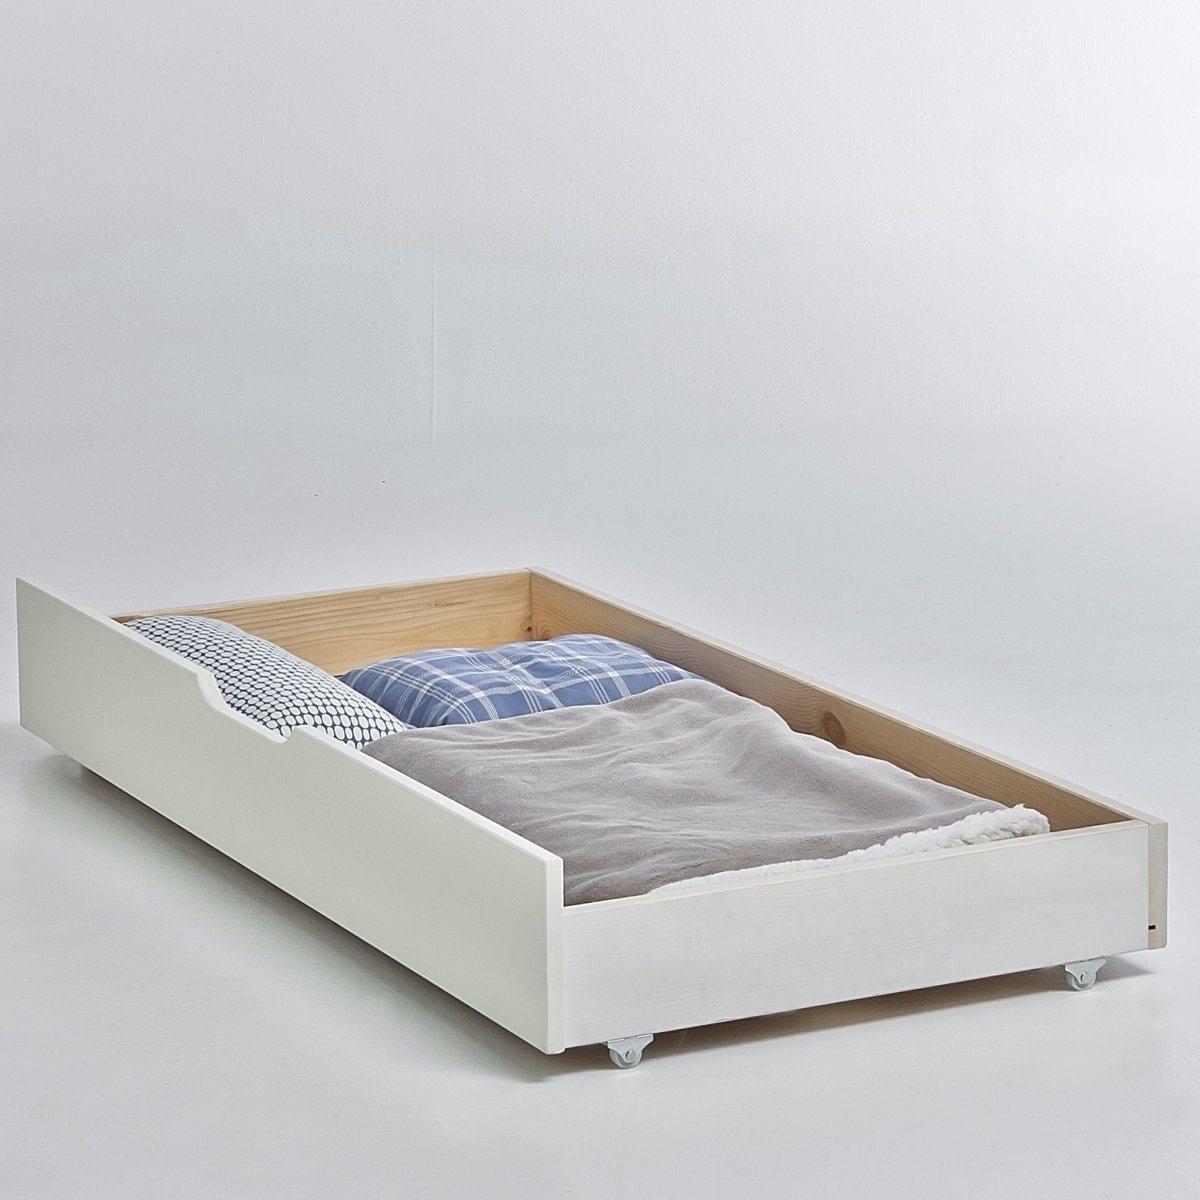 Ящик для хранения под кроватью, Toudou от La Redoute